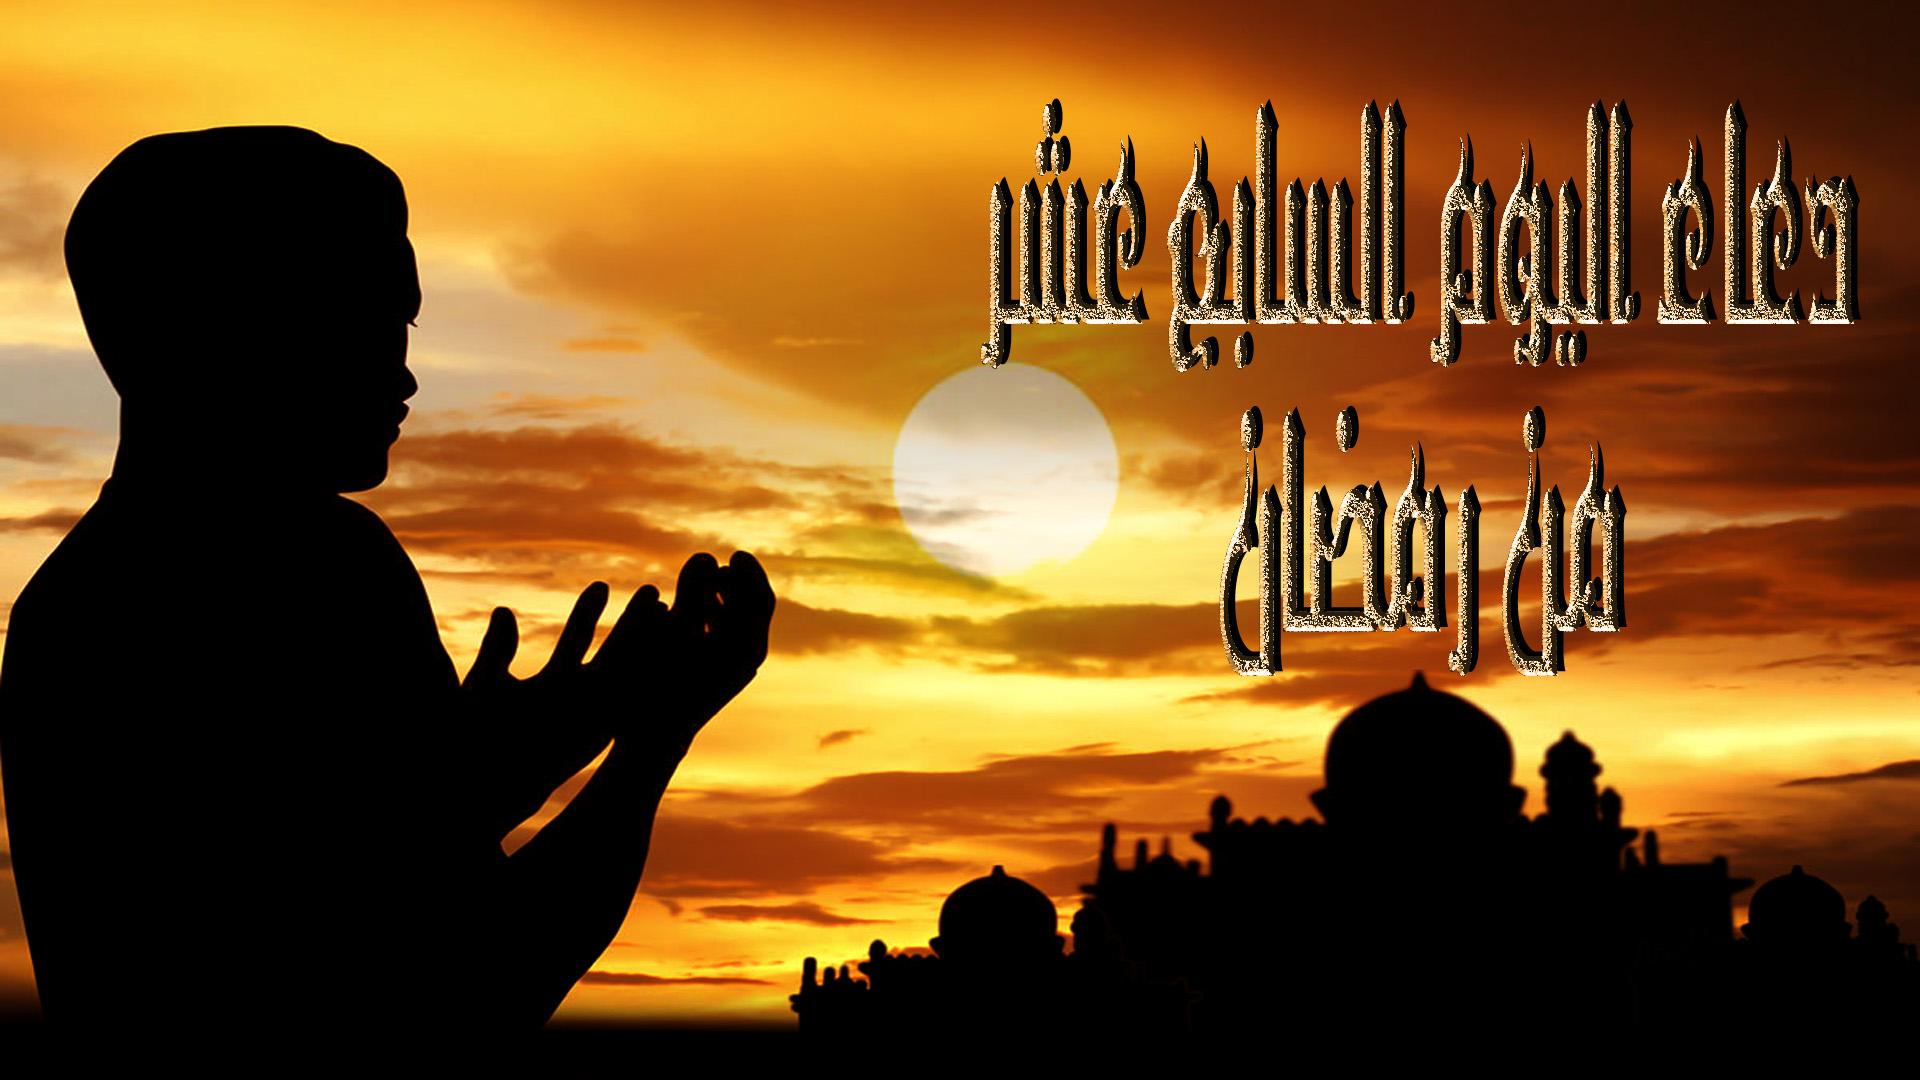 أدعية أيام شهر رمضان ( دعاء اليوم السابع عشر )